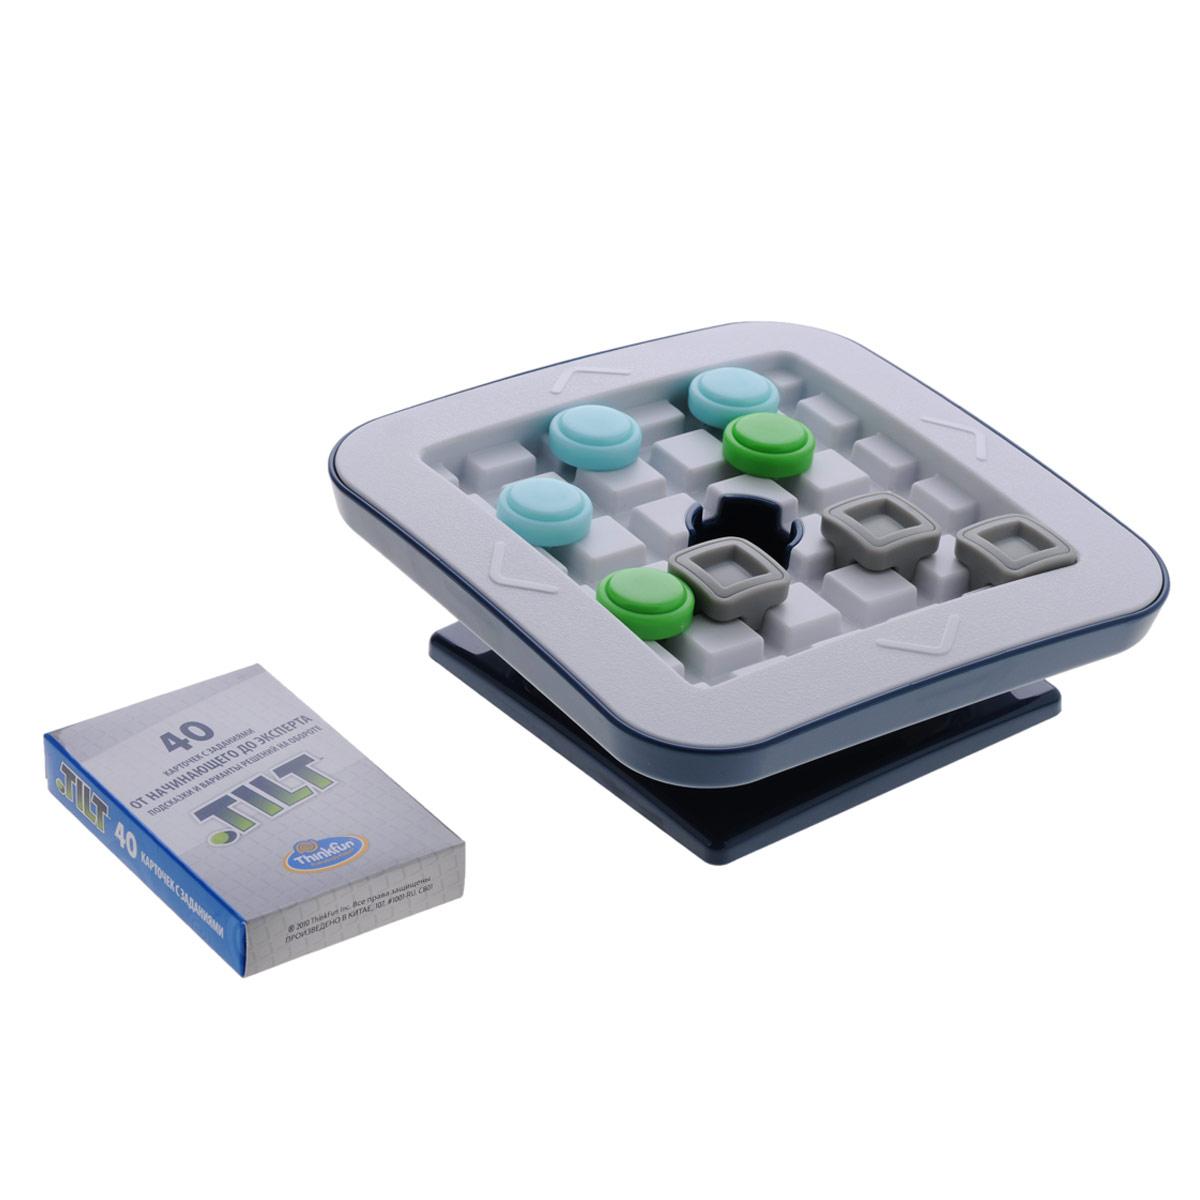 Thinkfun Головоломка Скользящие фишки1001-RUУвлекательная головоломка Thinkfun Скользящие фишки позволит ребенку весело и с пользой провести время. Игра включает пластиковое игровое поле с поддоном, 40 карточек с заданиями и подсказками и решениями на обороте, 2 зеленые фишки, 4 синие фишки, 6 серых квадратных блоков и мешочек для игровых принадлежностей. Цель игры - добиться того, чтобы зеленые фишки провалились в лунку в середине игрового поля, при этом не допустив падения в лунку синих фишек. Задания имеют различные уровни сложности - от начинающего до эксперта. Такая игра надолго займет ребенка и поможет ему раскрыть свой потенциал, научит его логическому мышлению и поспособствует развитию мелкой моторики.